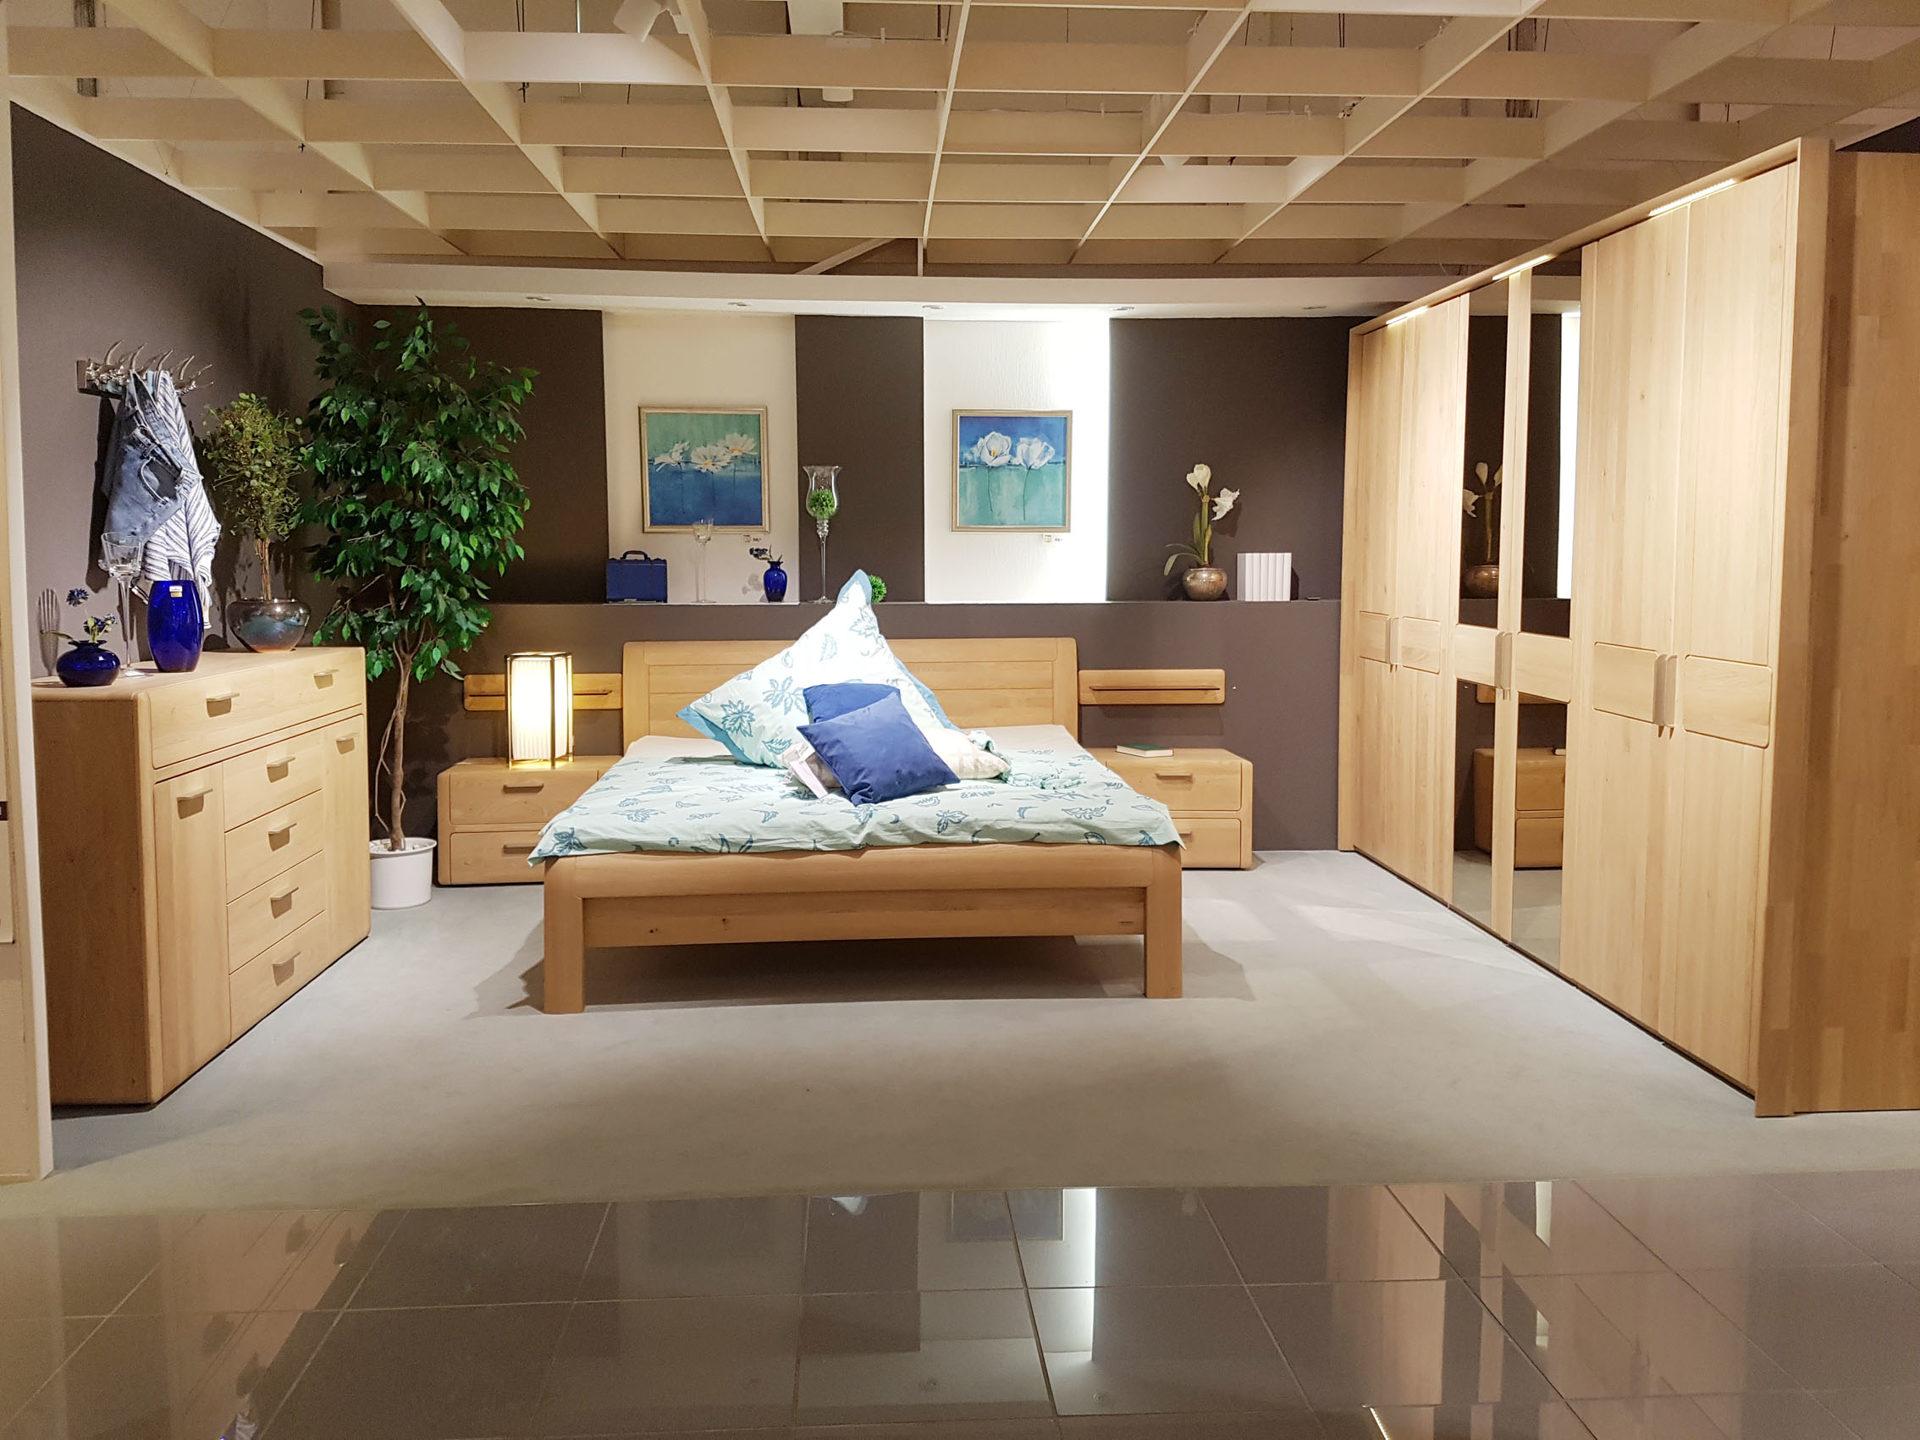 Thielemeyer Schlafzimmer Interliving Schlafzimmer Serie 1005